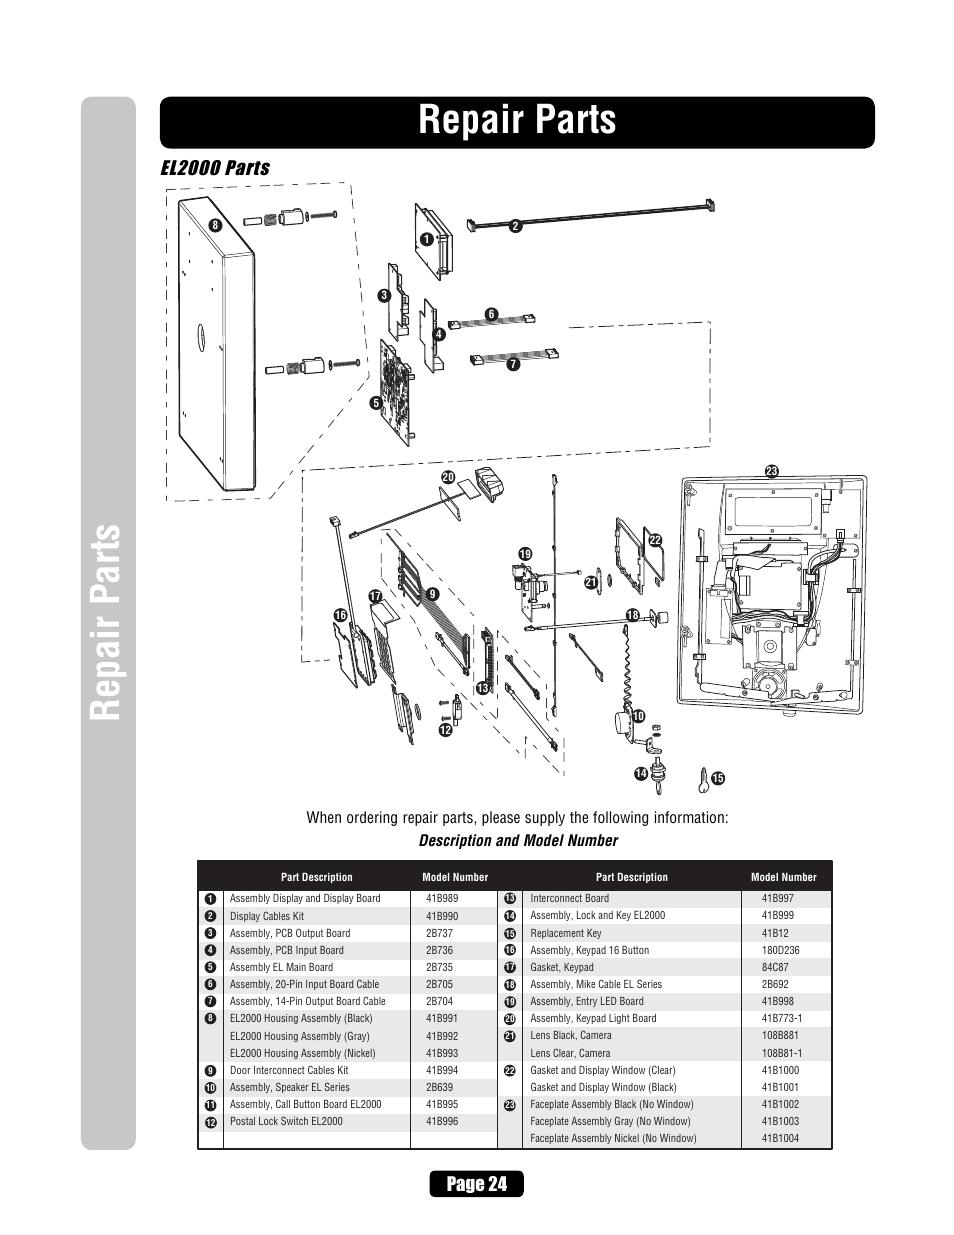 El2000 Parts  Repair Parts  Page 24